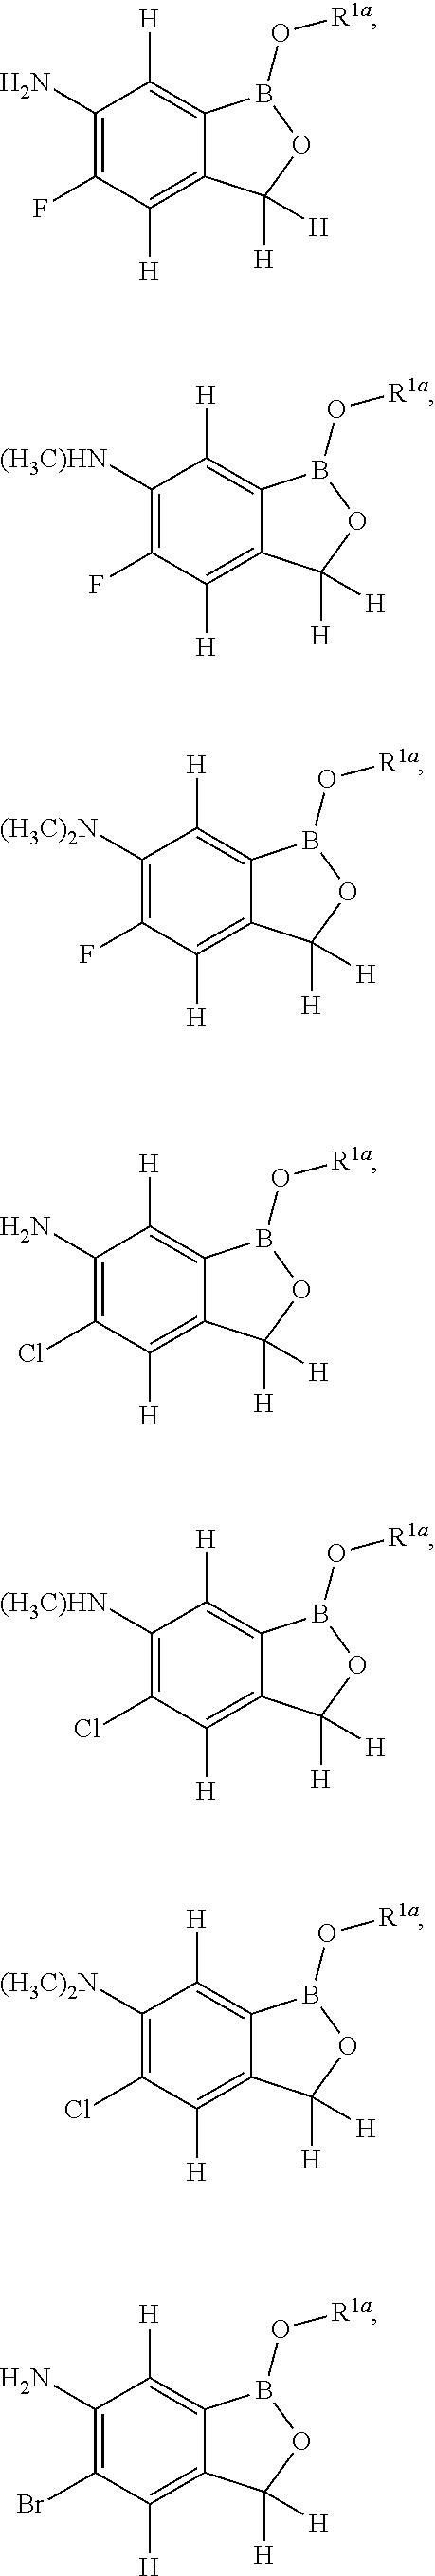 Figure US09566289-20170214-C00033